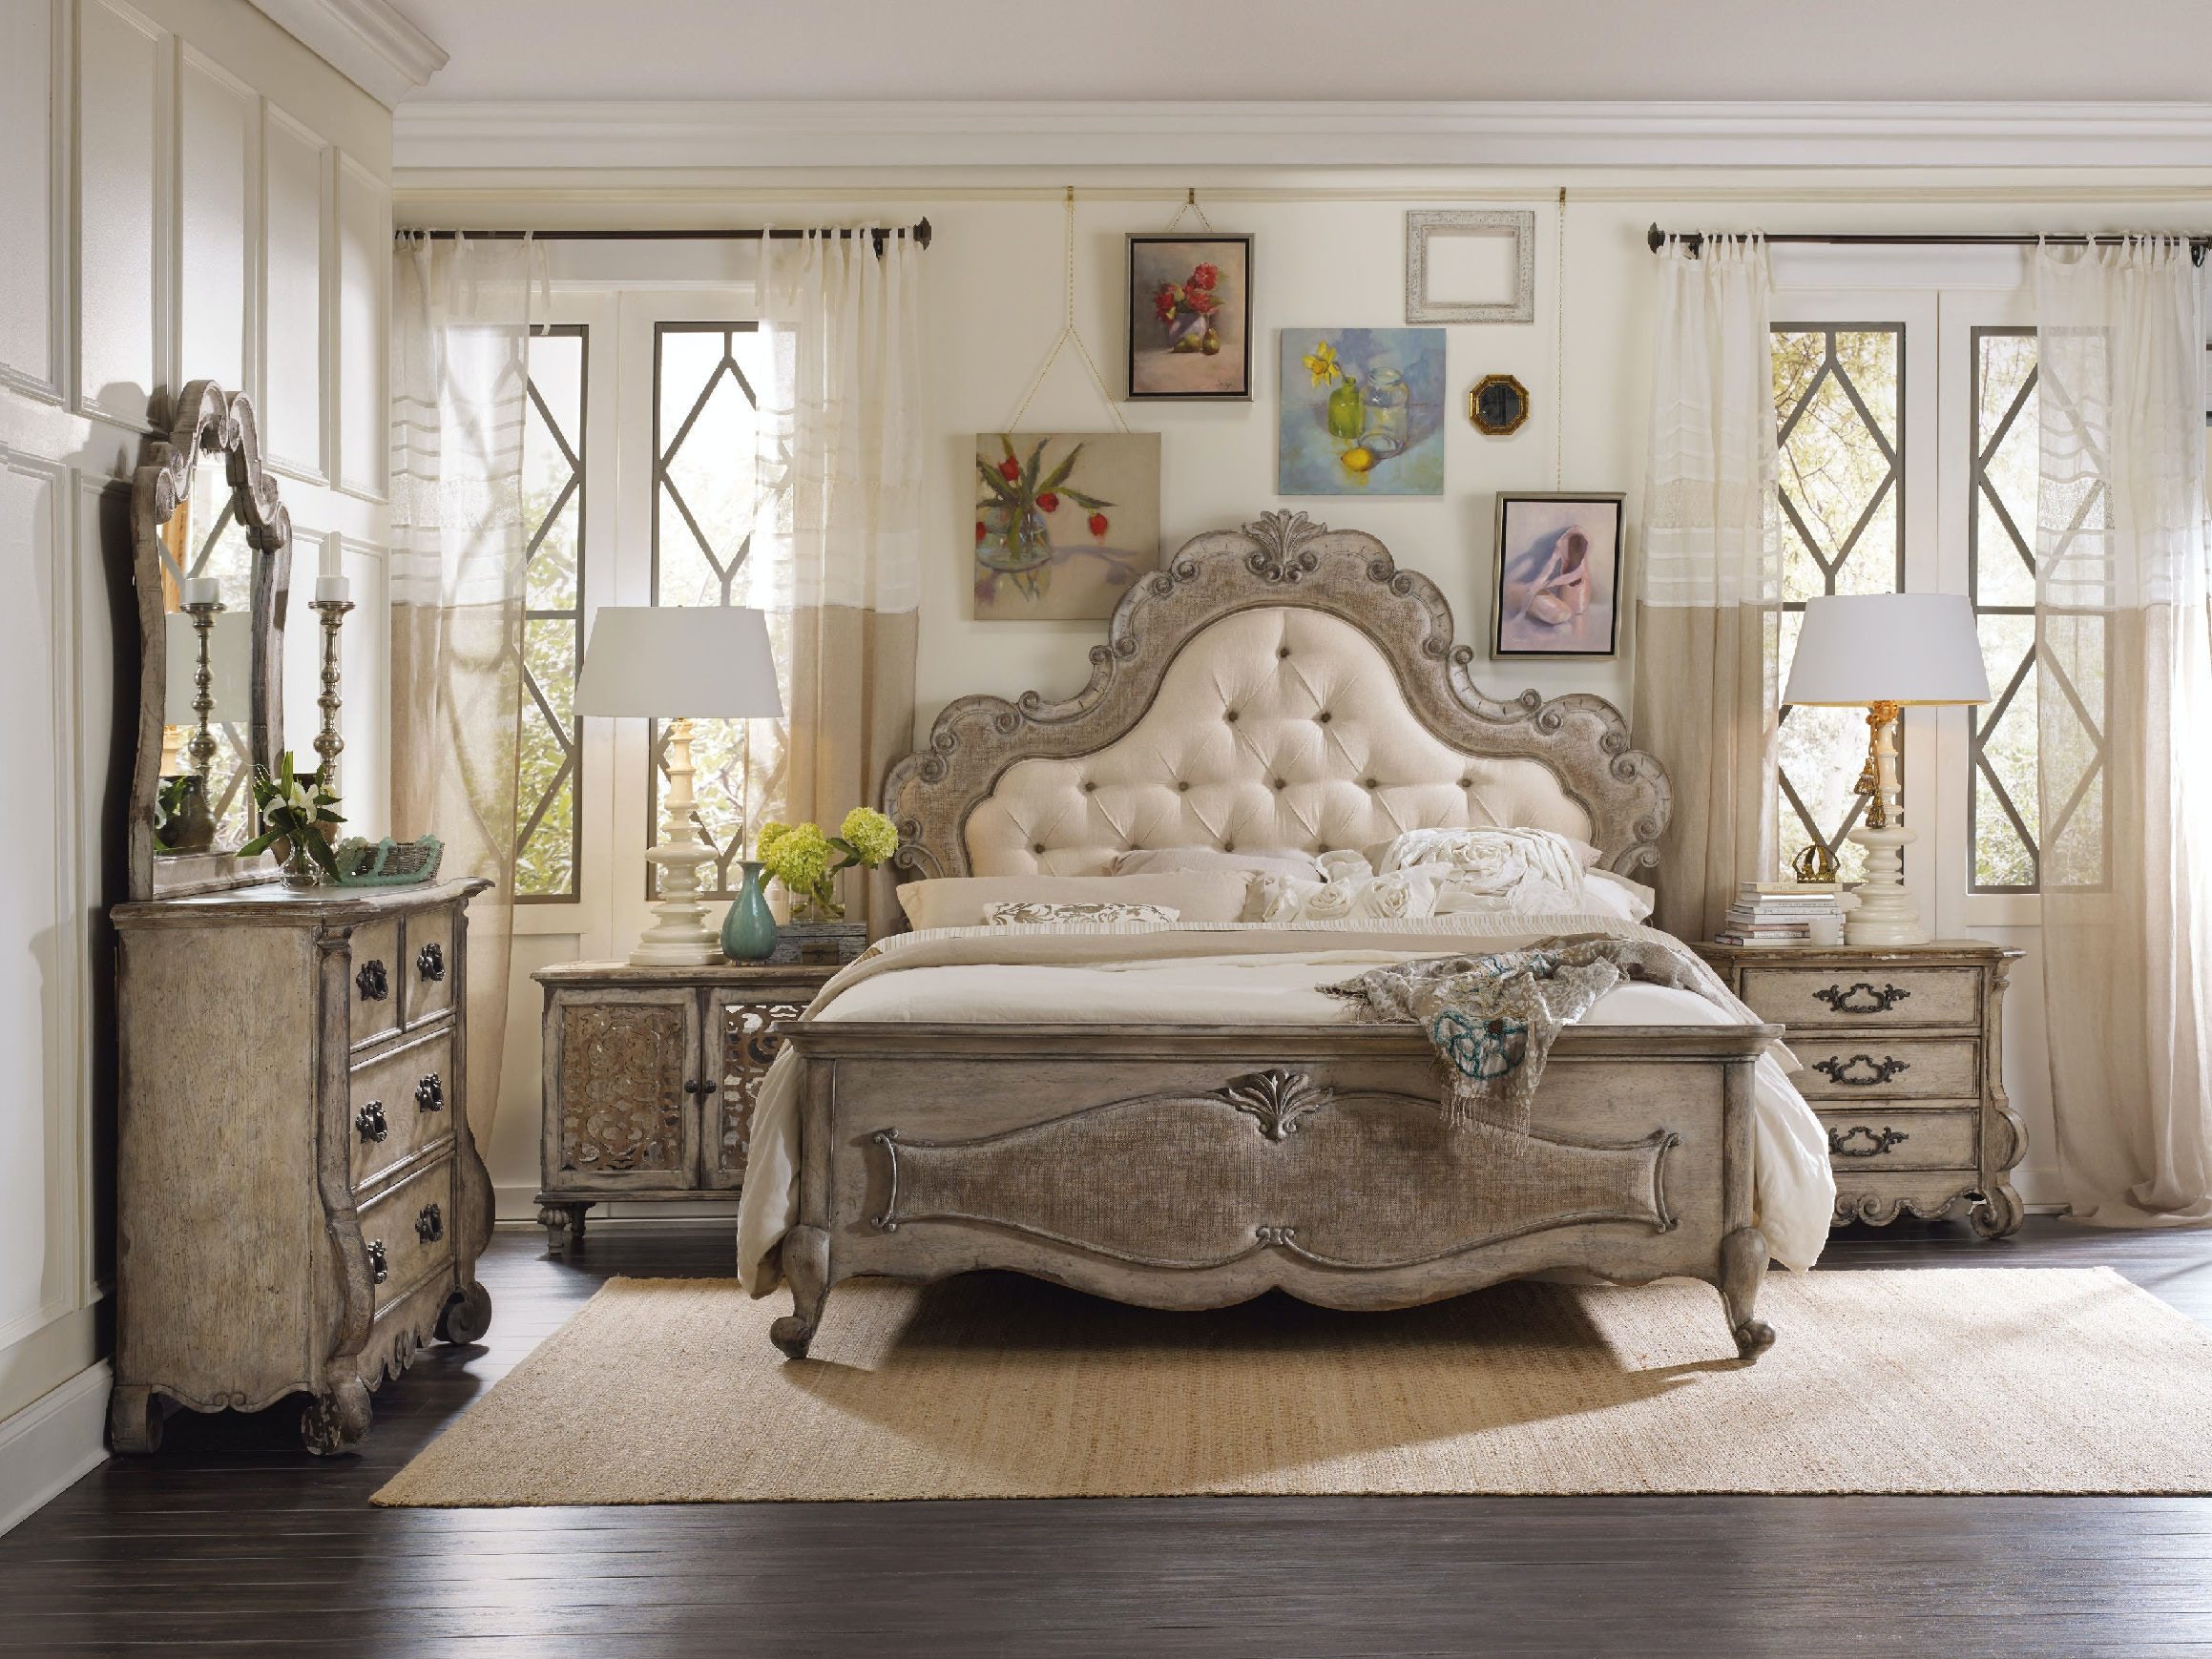 Hooker Furniture Bedroom Chatelet King Upholstered Panel Bed 5450 ...